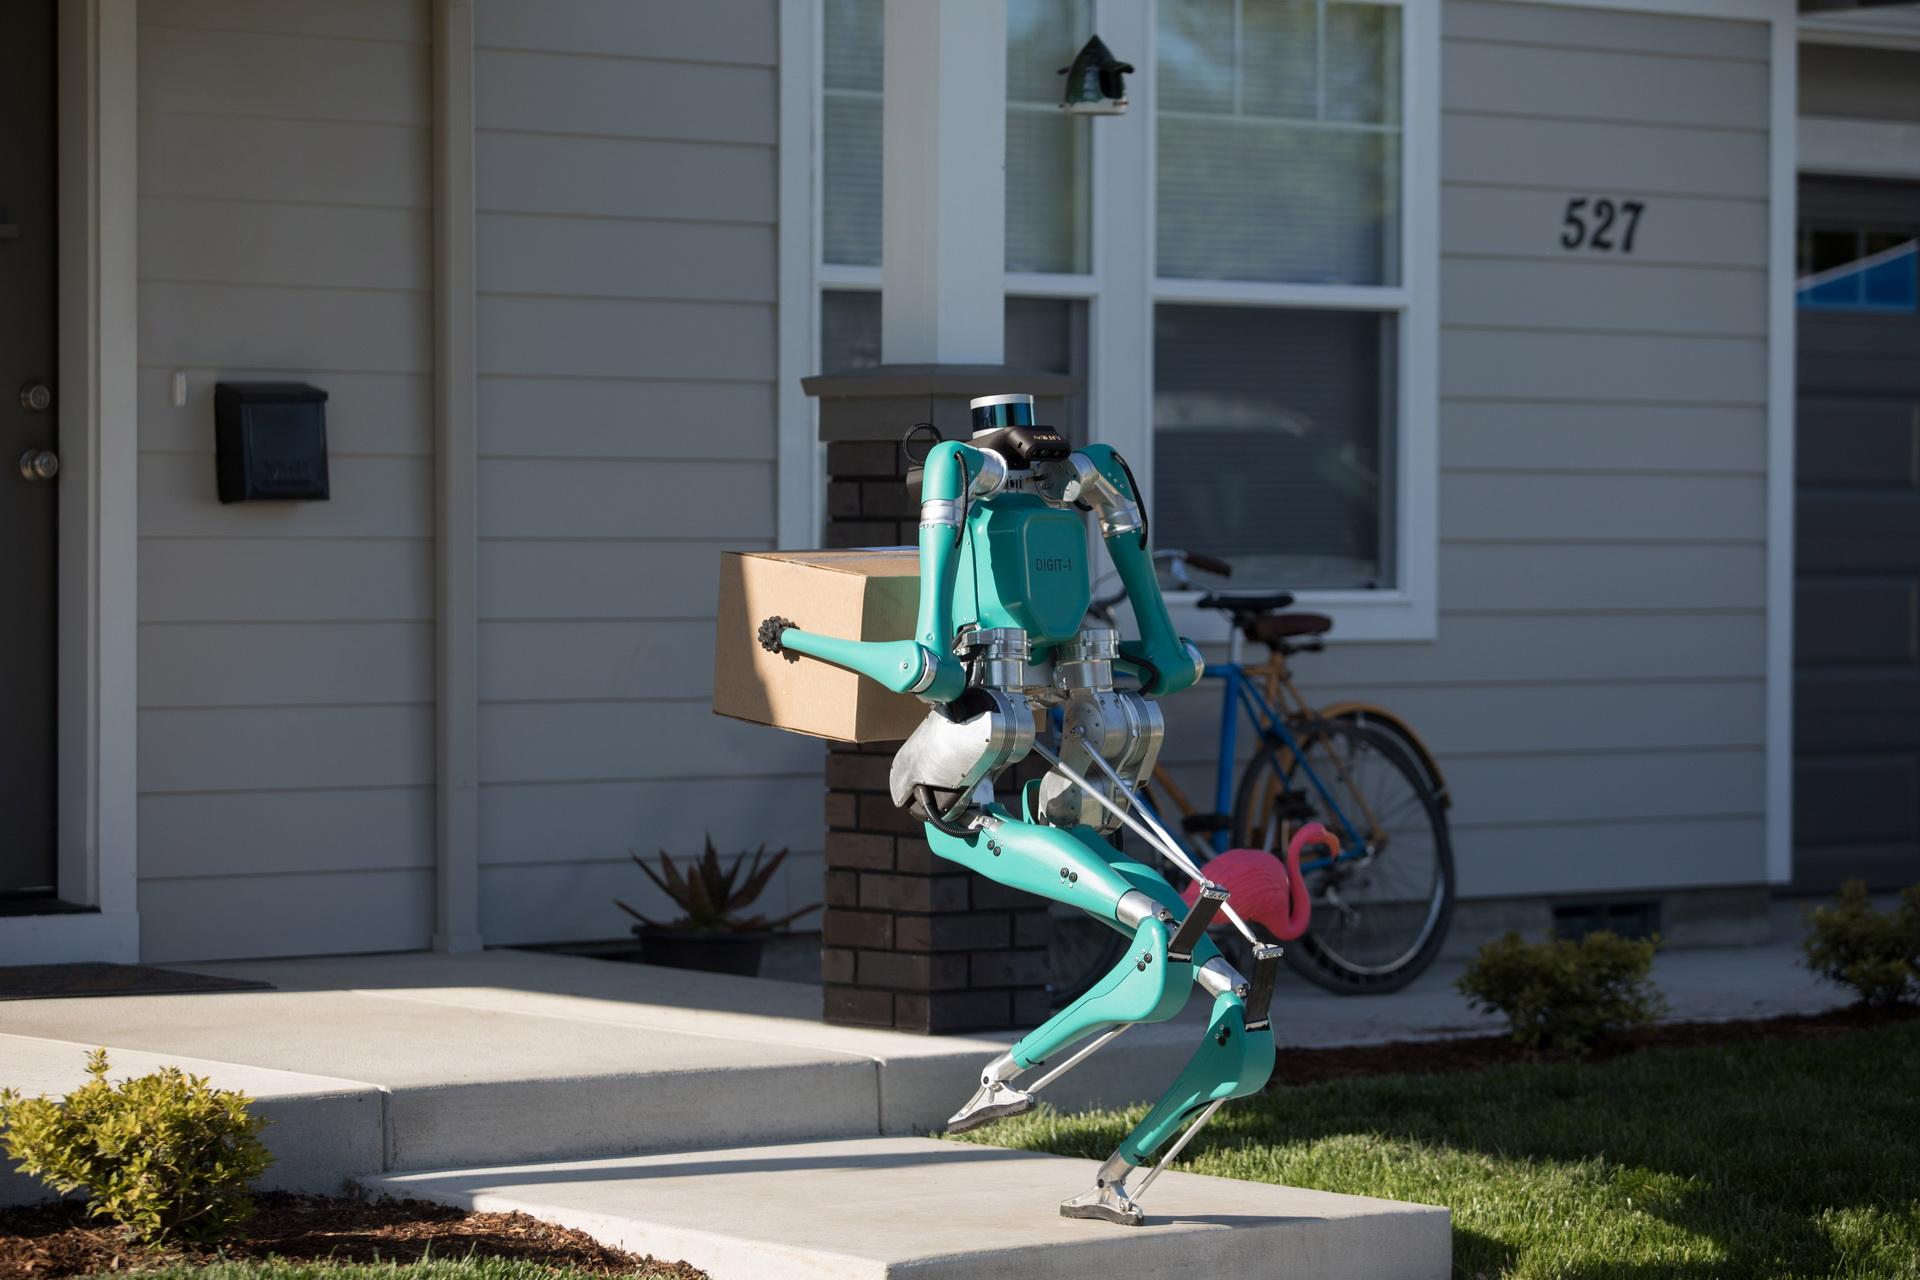 Ford phát triển Digit robot giao hàng tự động đến tận cửa - 10